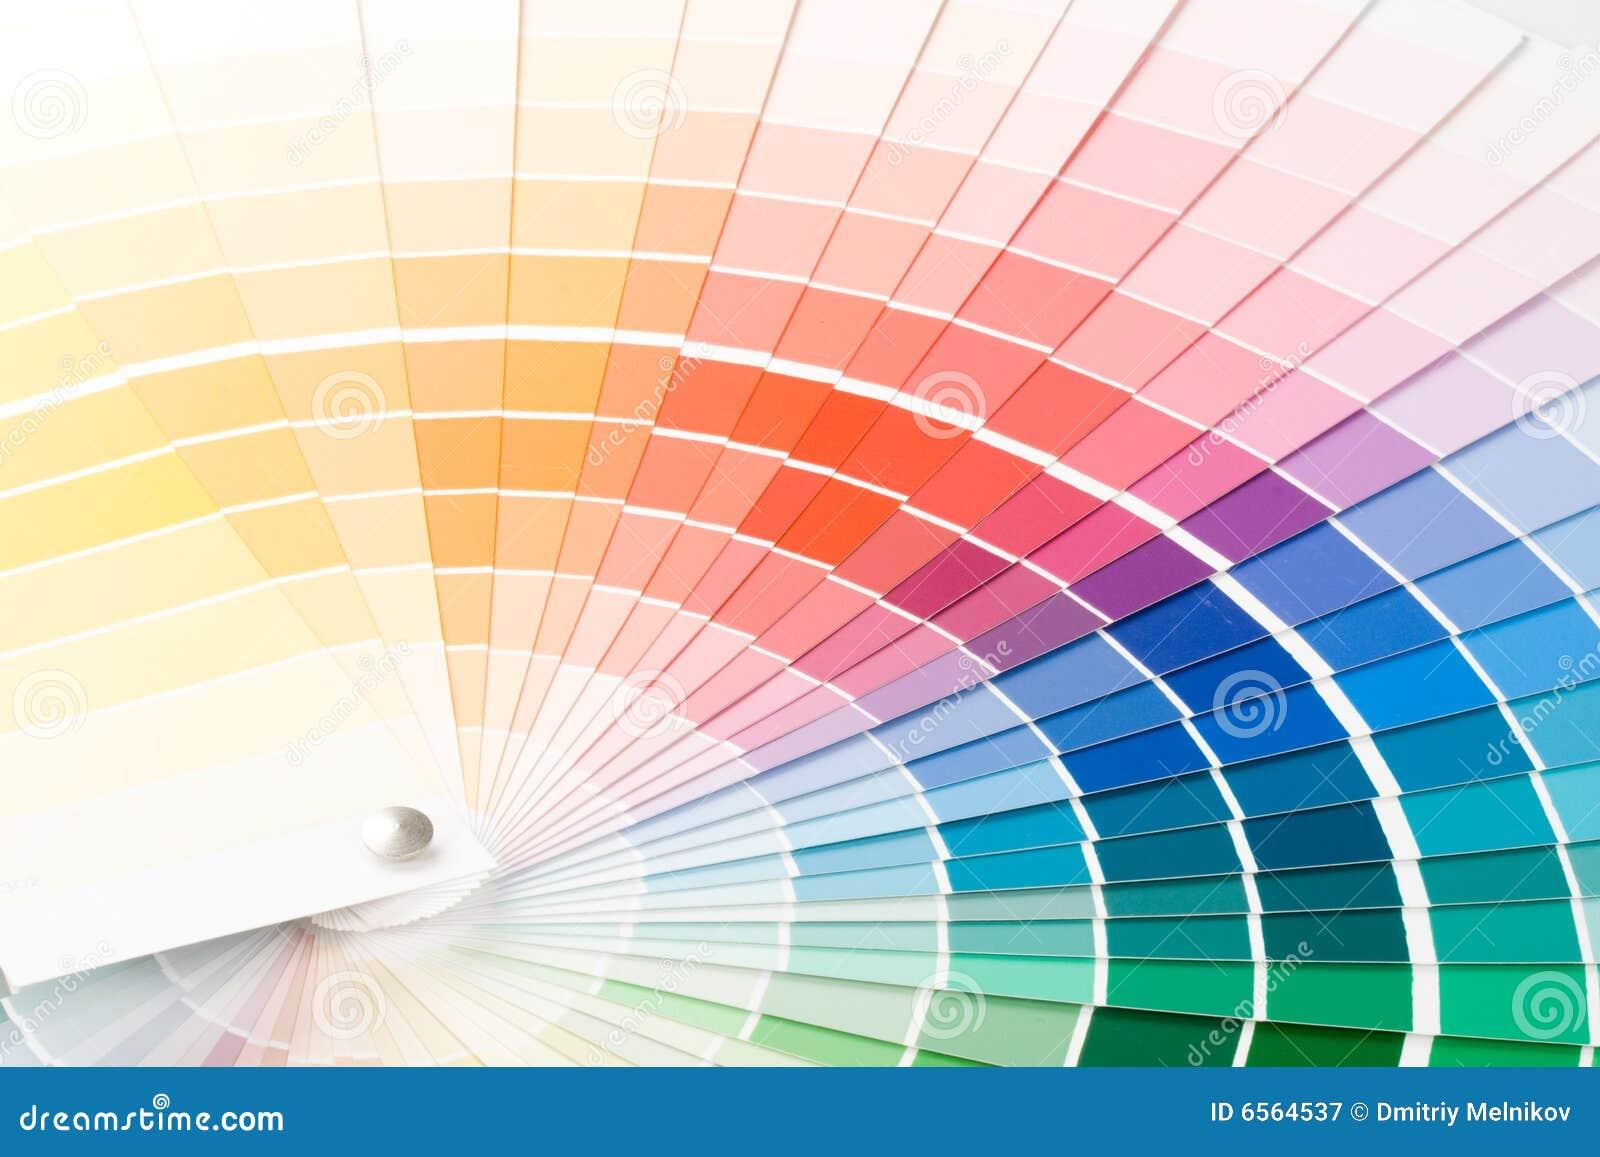 Guide de couleur.